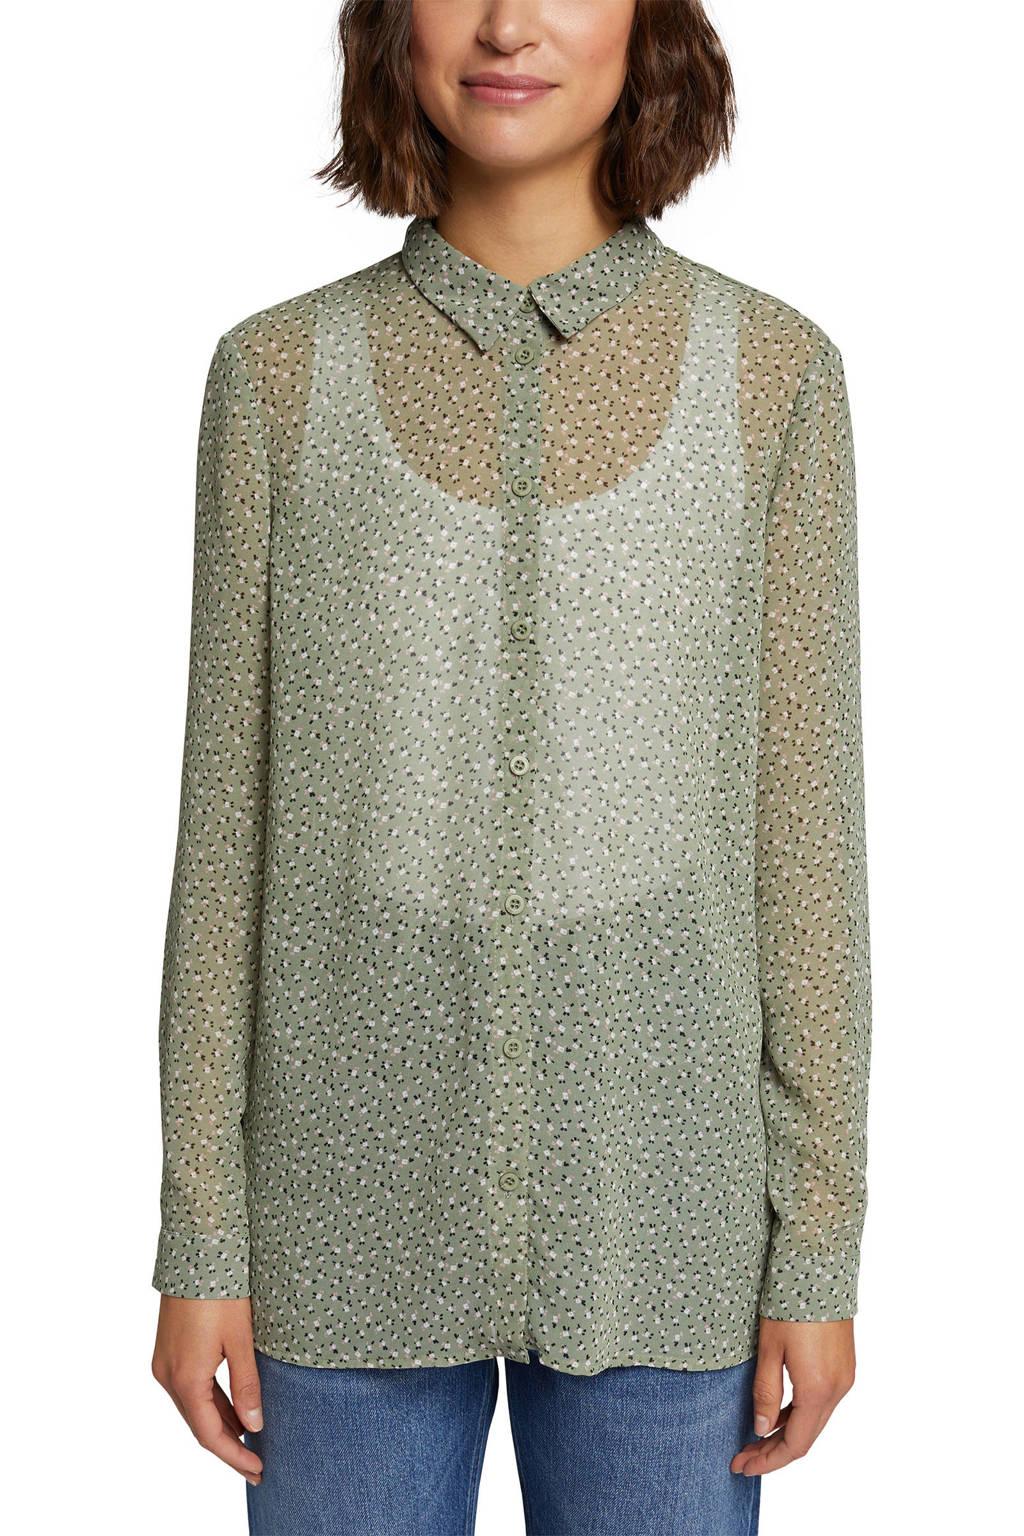 edc Women gebloemde semi-transparante blouse lichtgroen/wit/lichtroze, Lichtgroen/wit/lichtroze